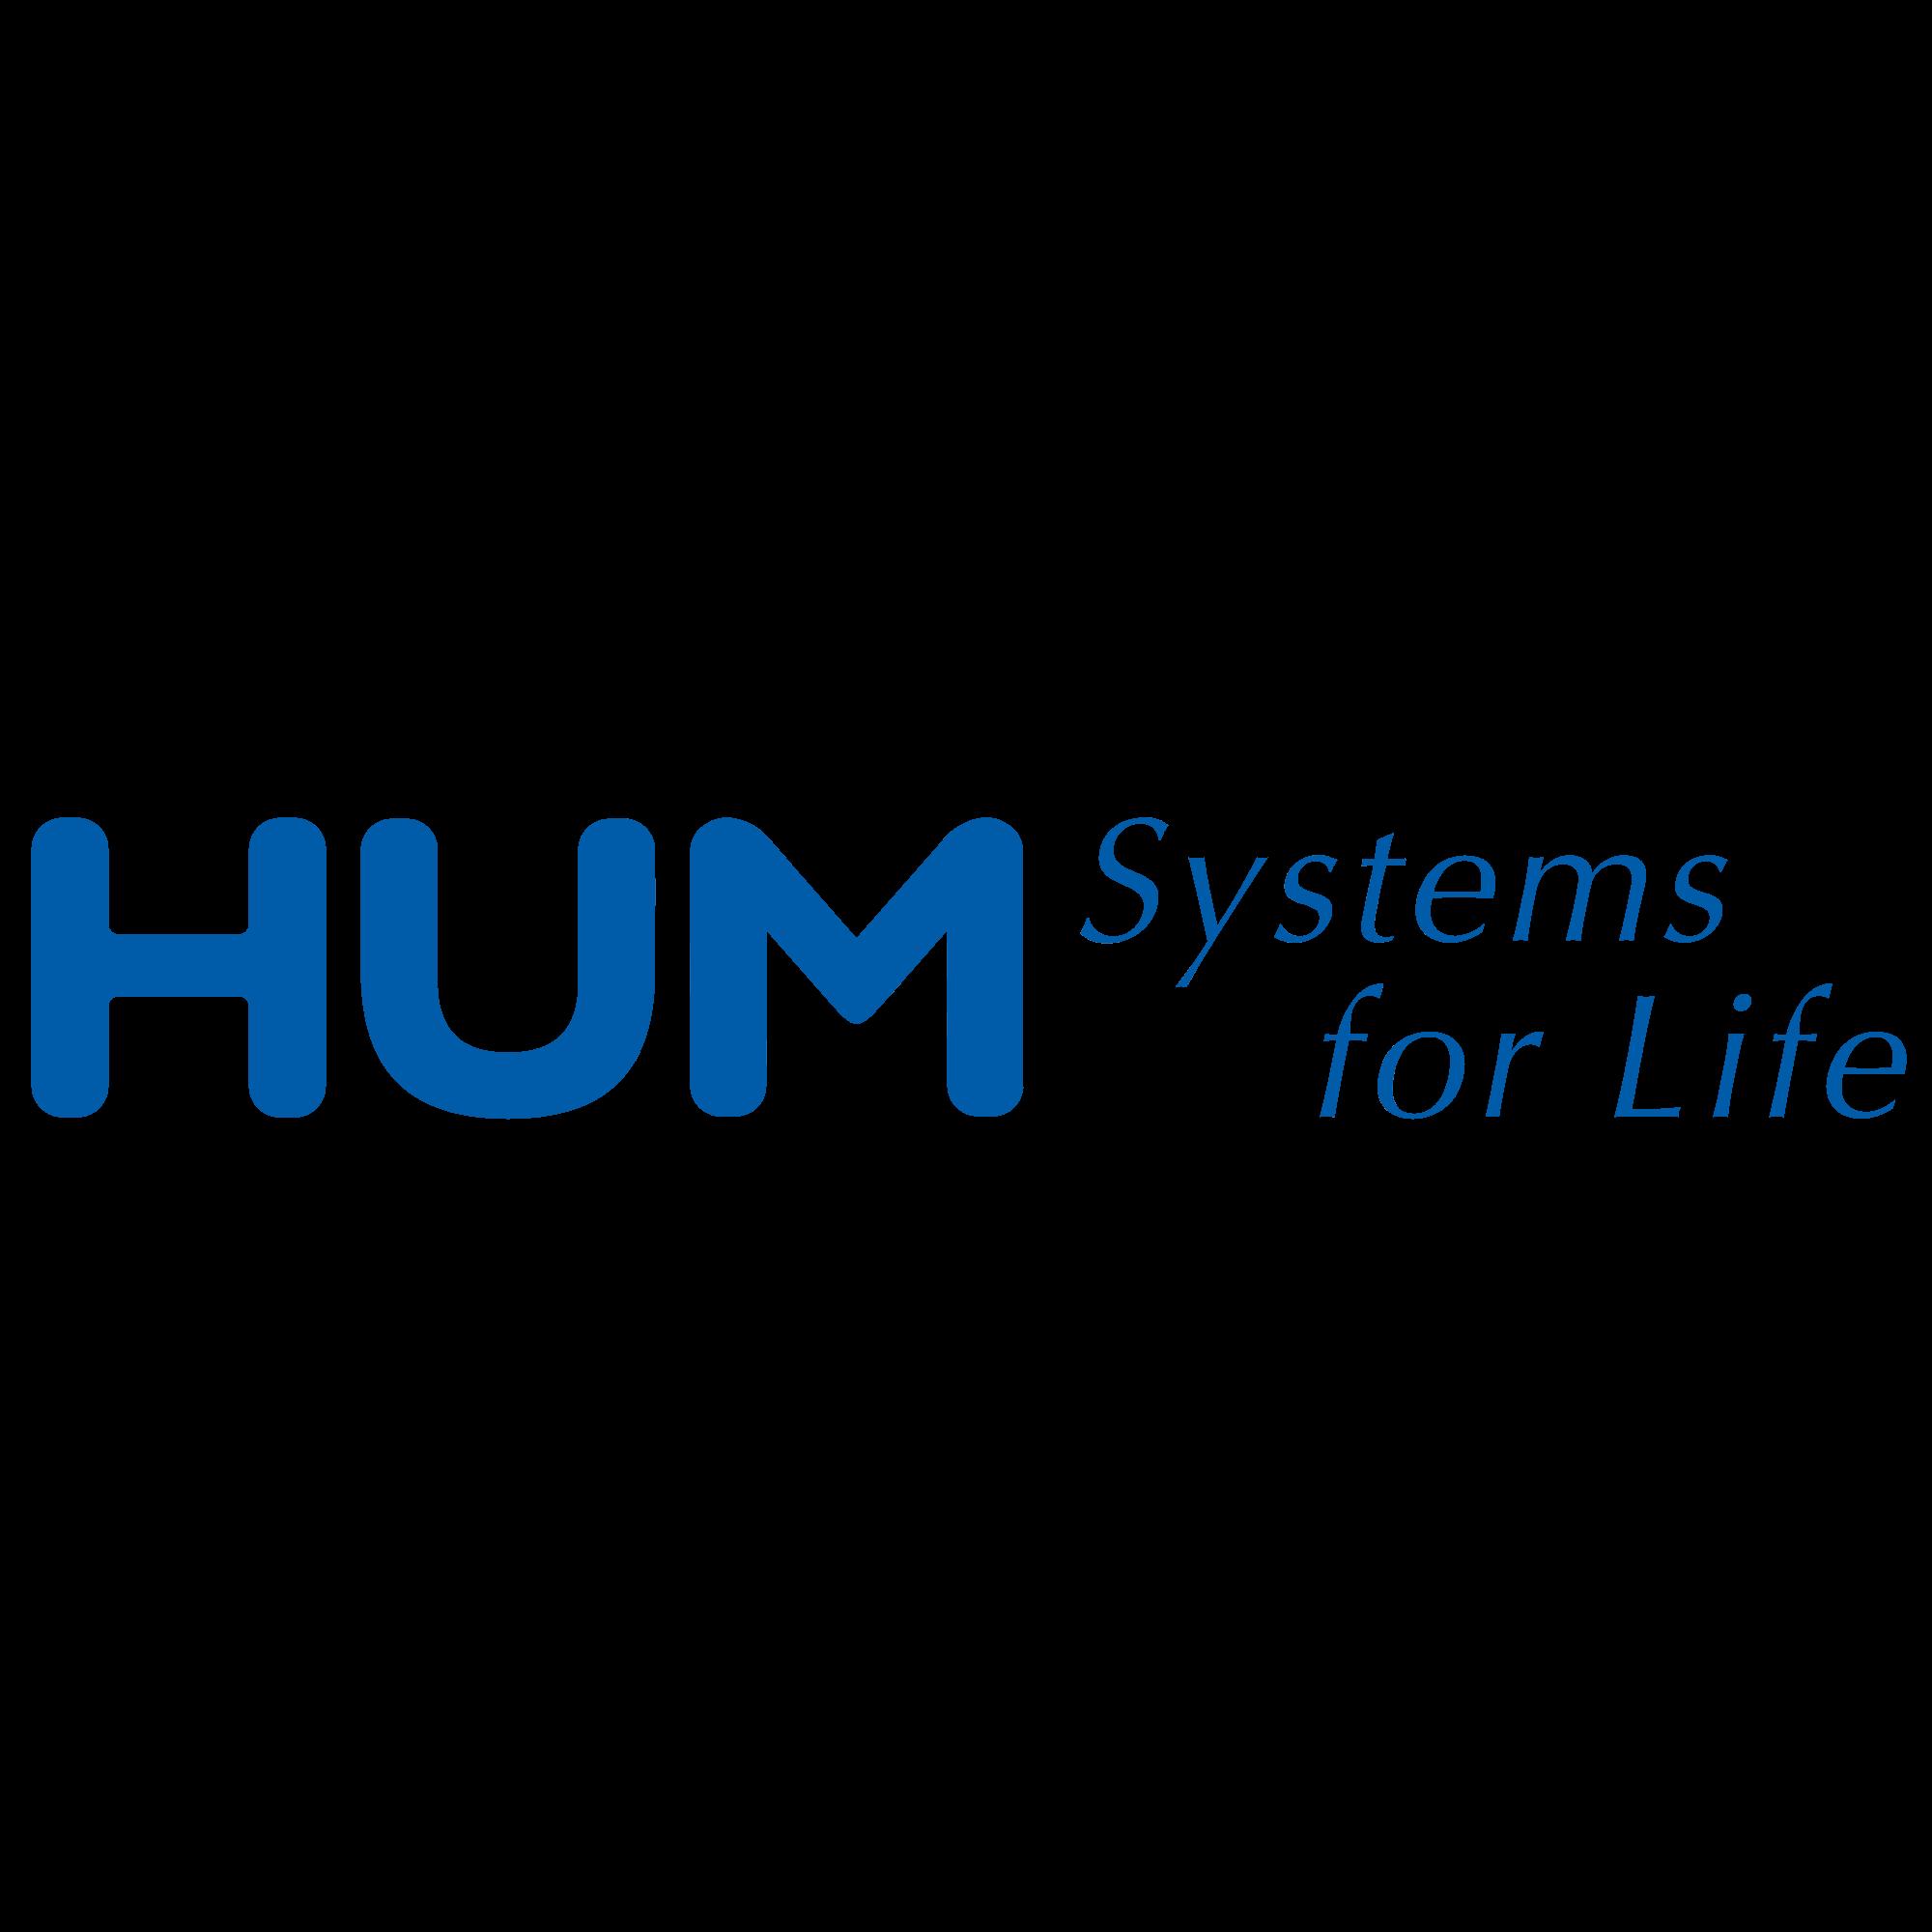 HUM Gesellschaft für Homecare und Medizintechnik mbH